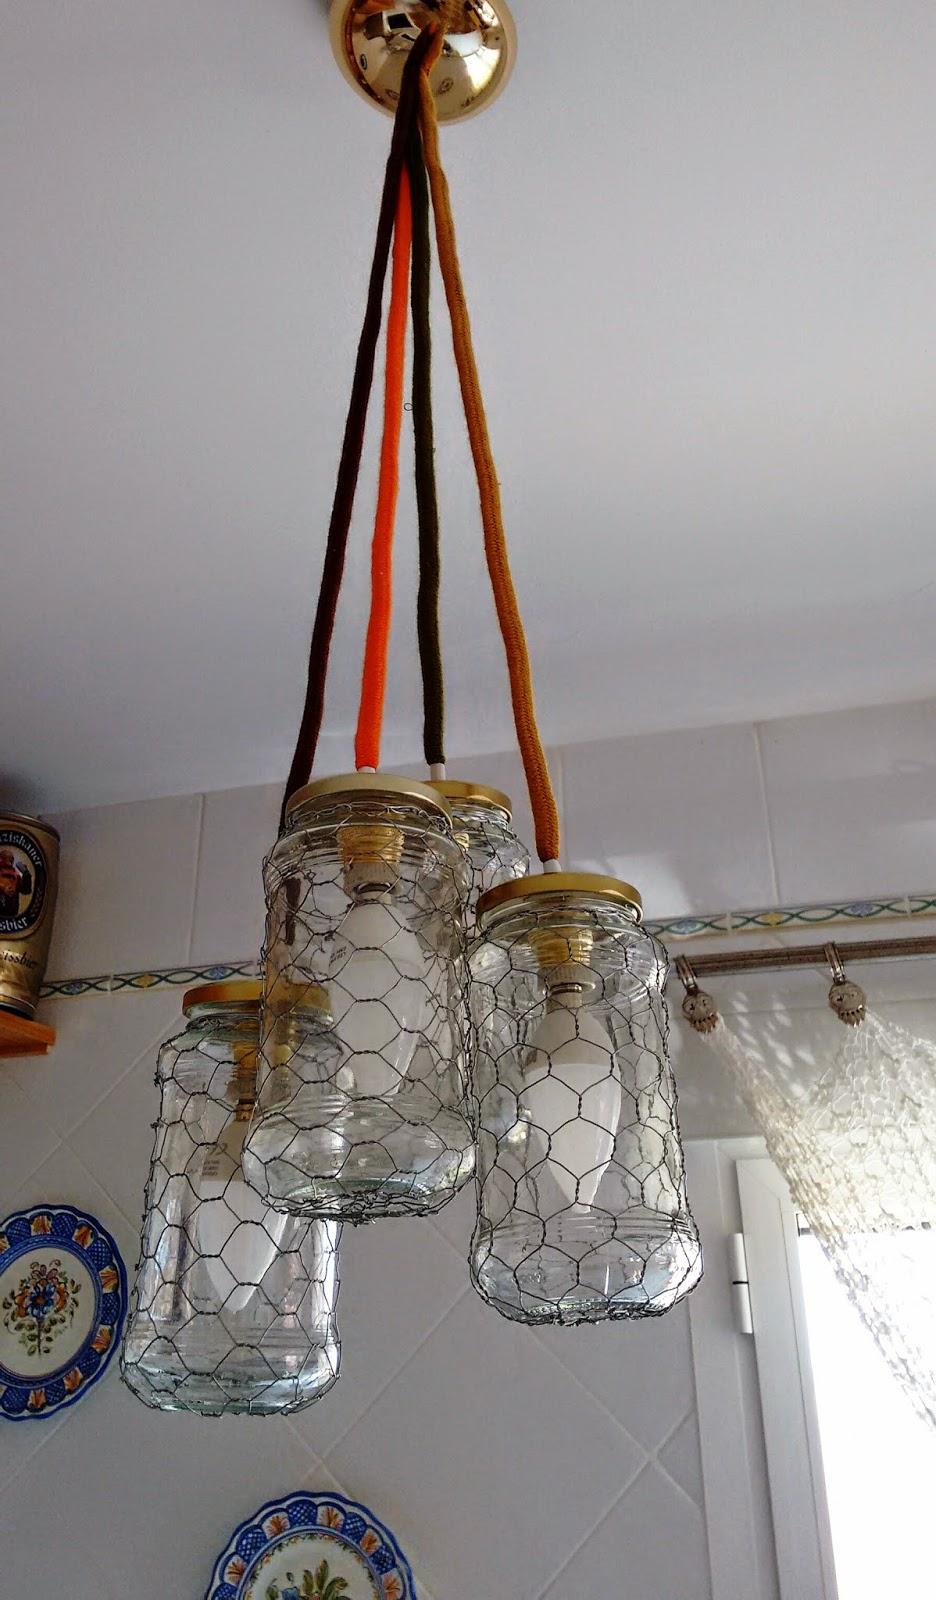 Manualidades merrajo yoli me gusta reciclar como - Manualidades con lamparas ...